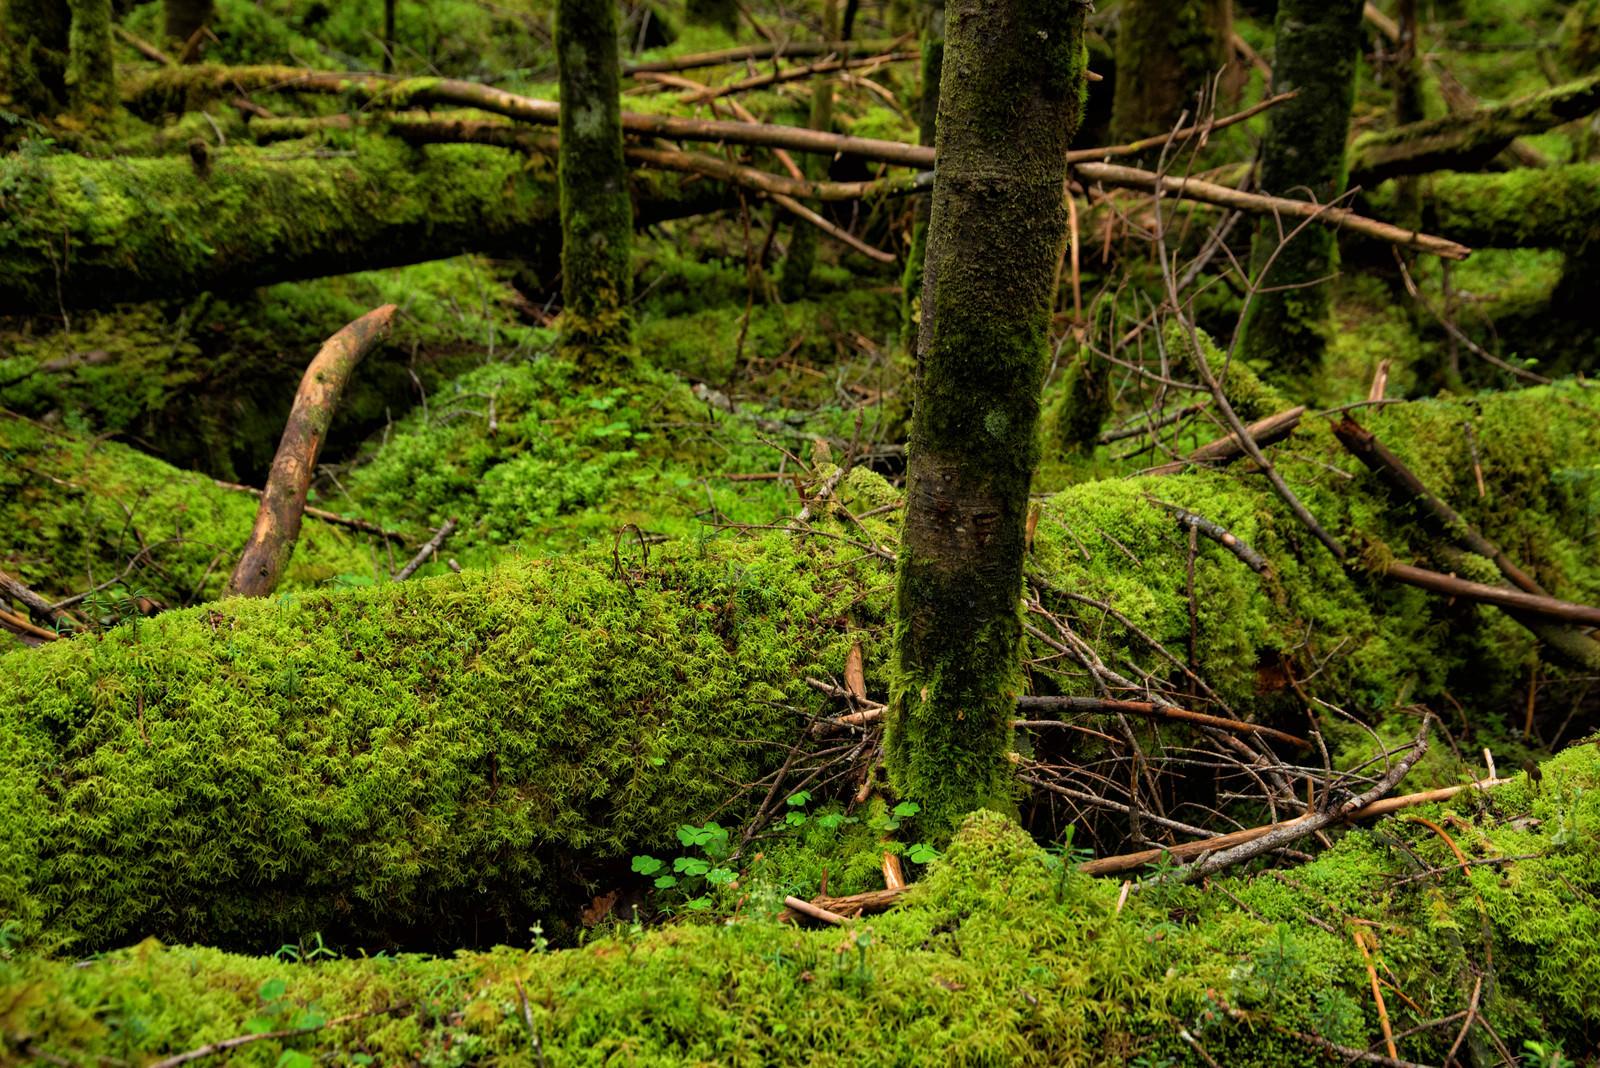 「倒木に密生する苔」の写真